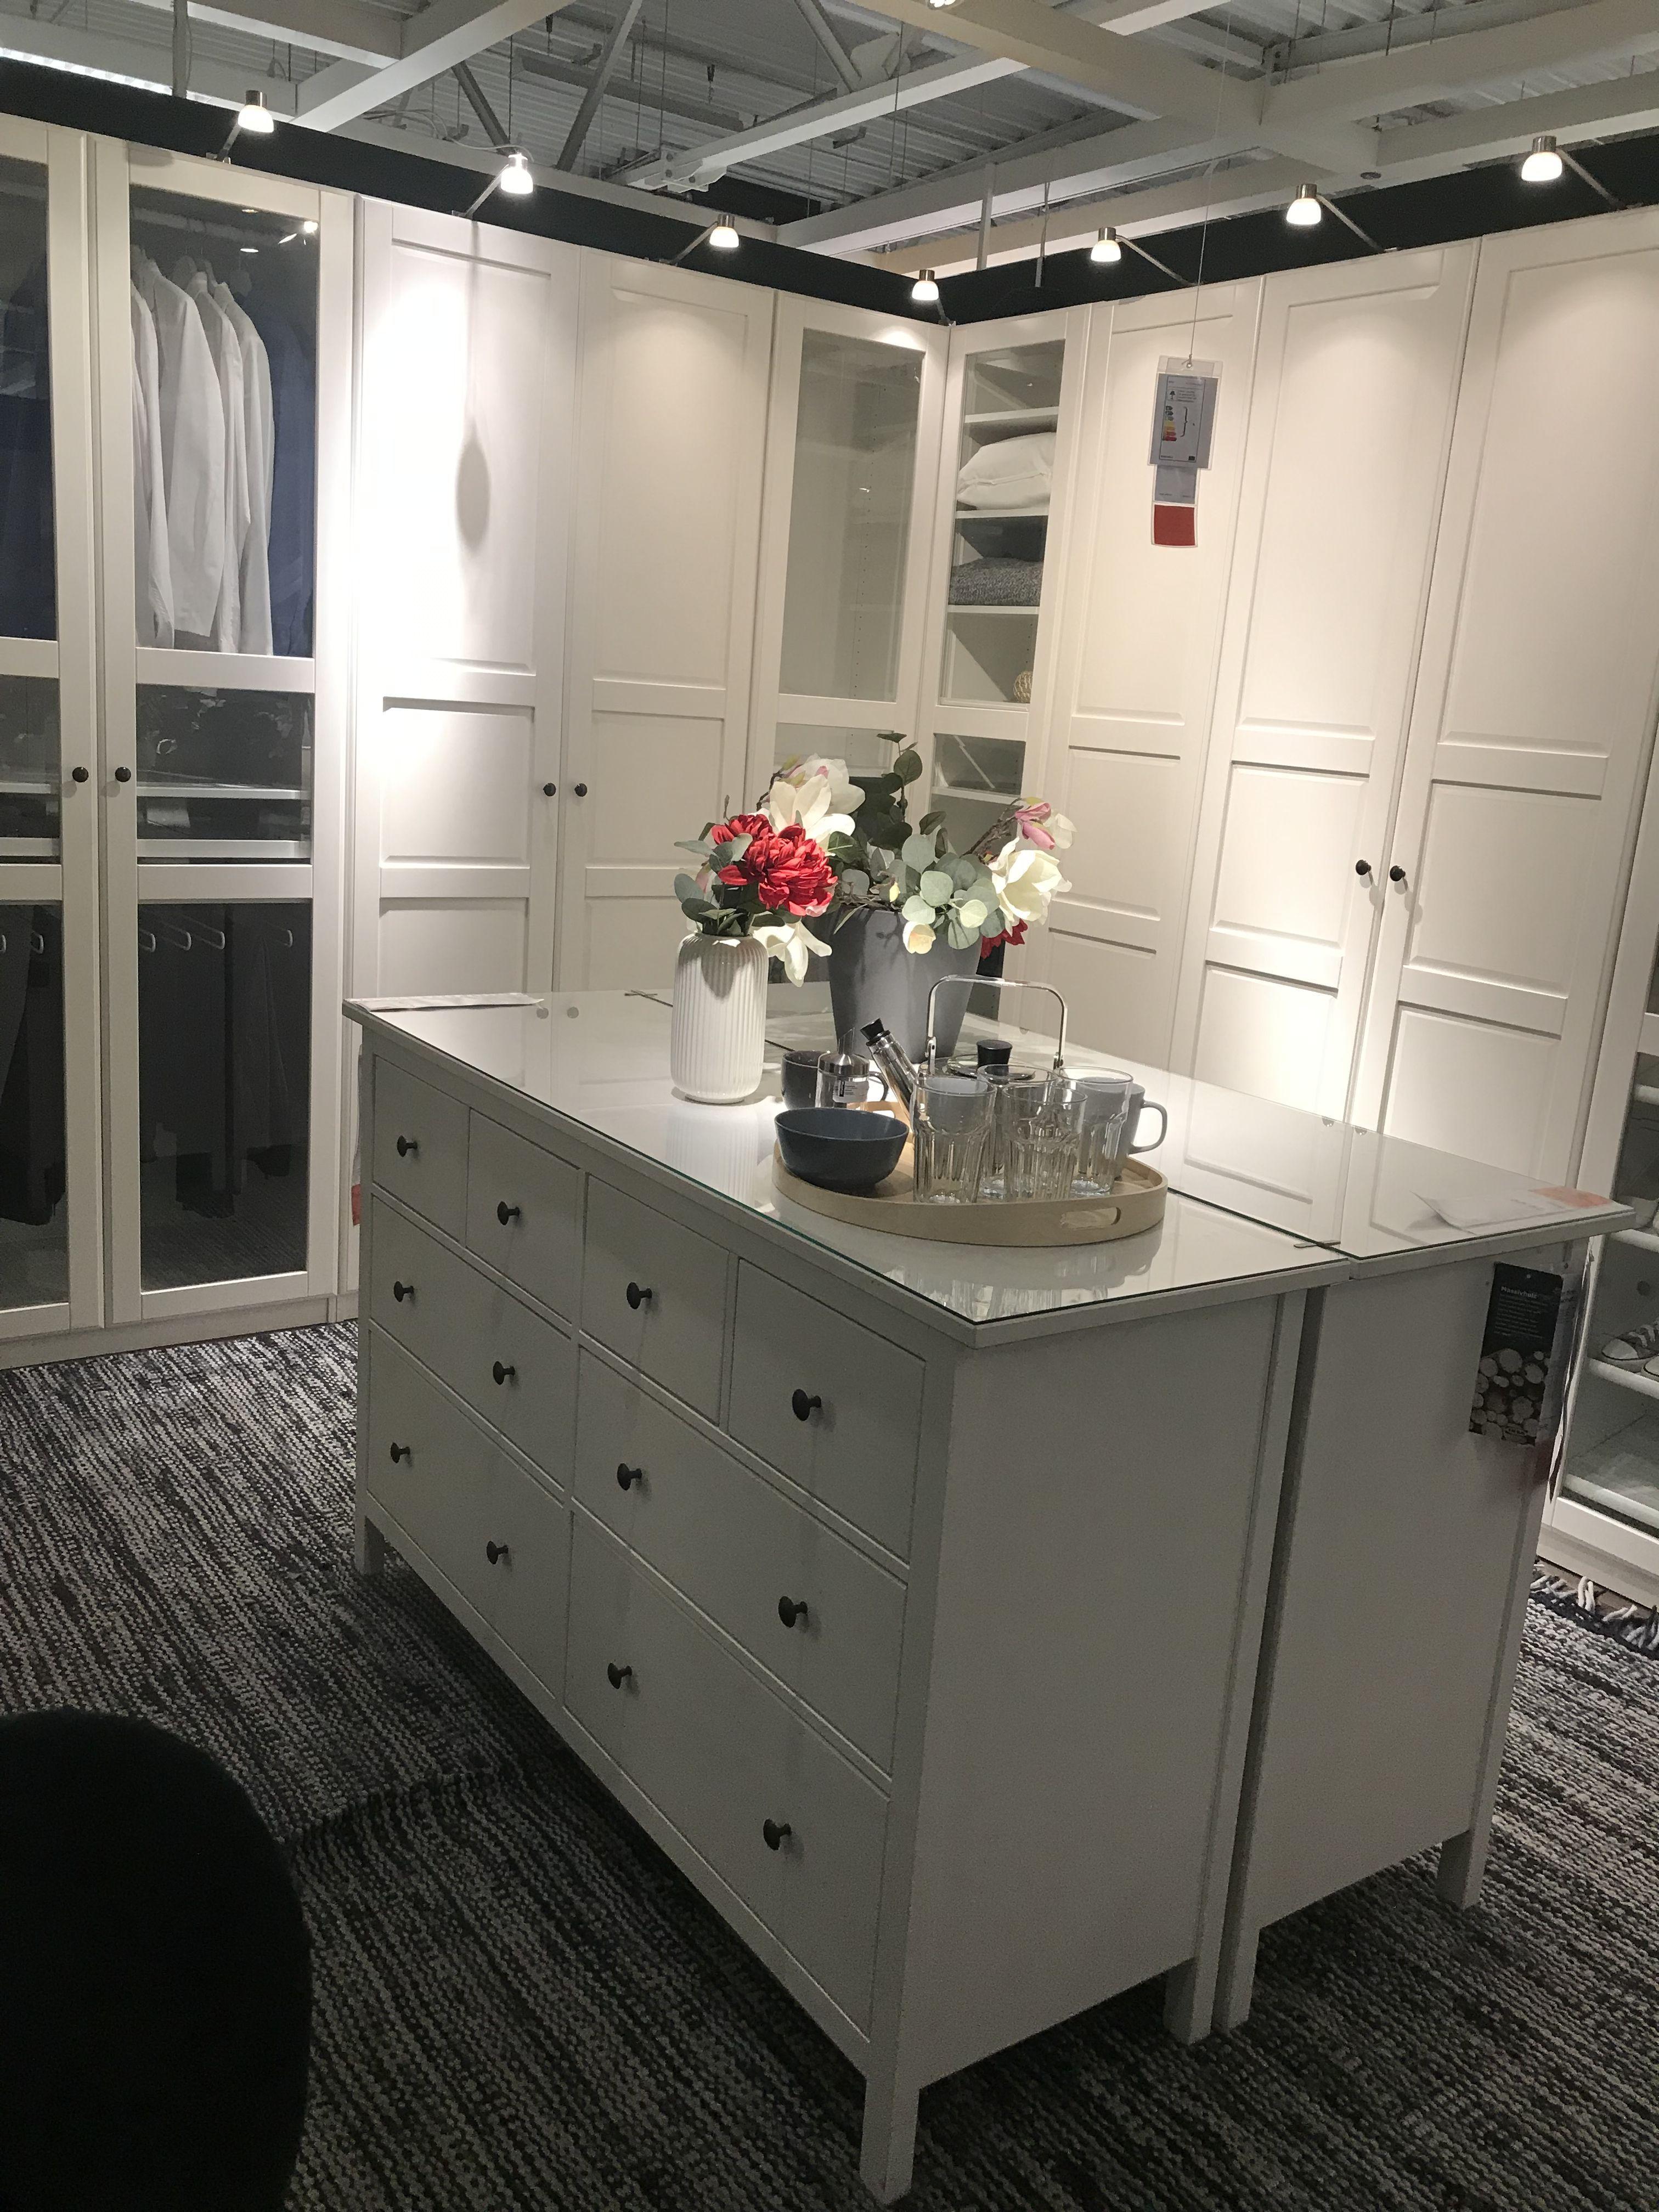 Pax Kleiderschrank Ideen Mit Malm Kommoden In Der In 2020 Home Interior Design Interior Home Decor